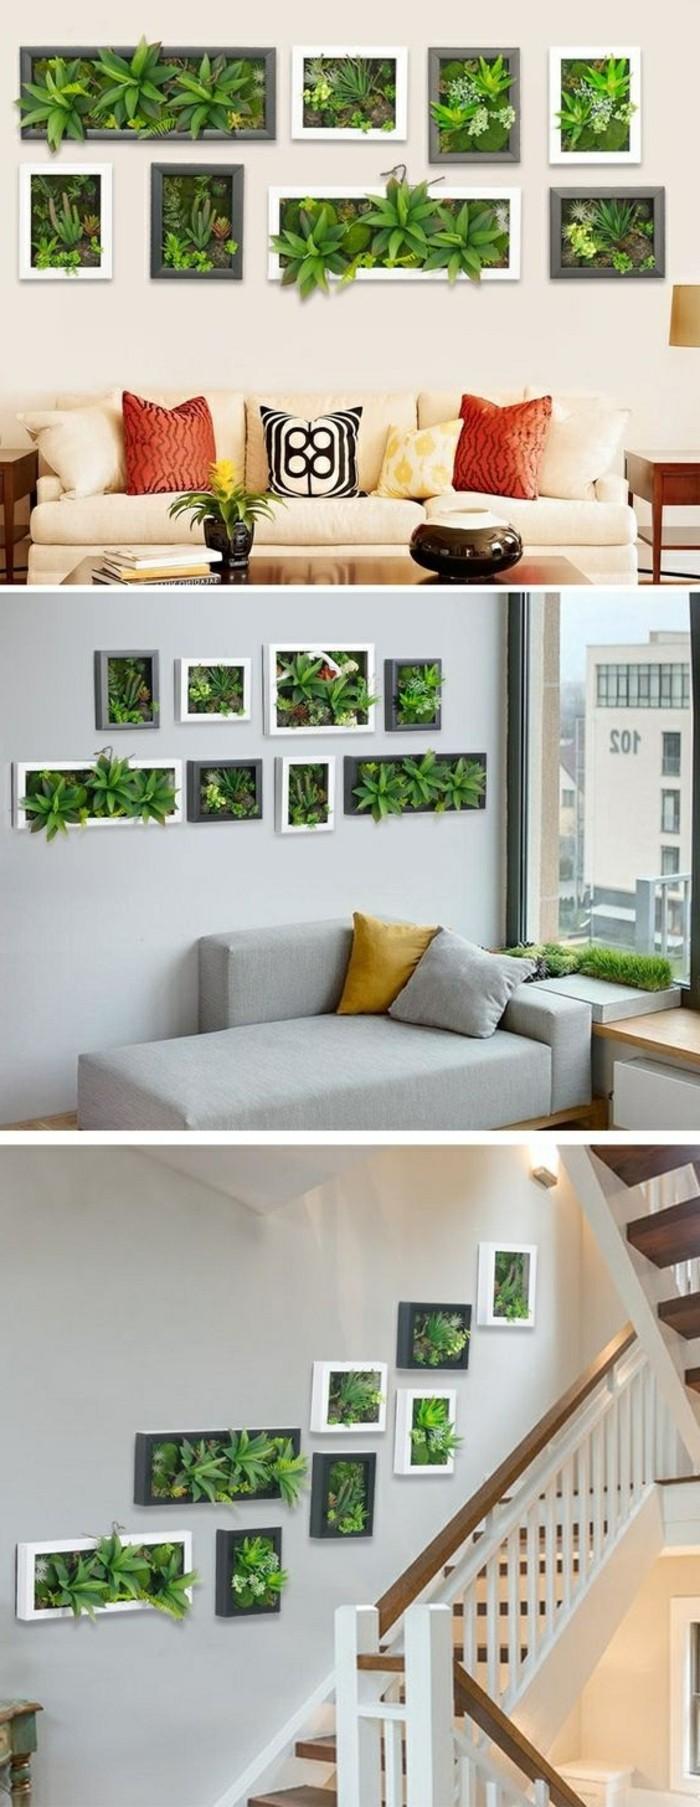 9-diy-deko-regale-mit-grunen-pflanzen-sofa-treppenhauswohnzimmer